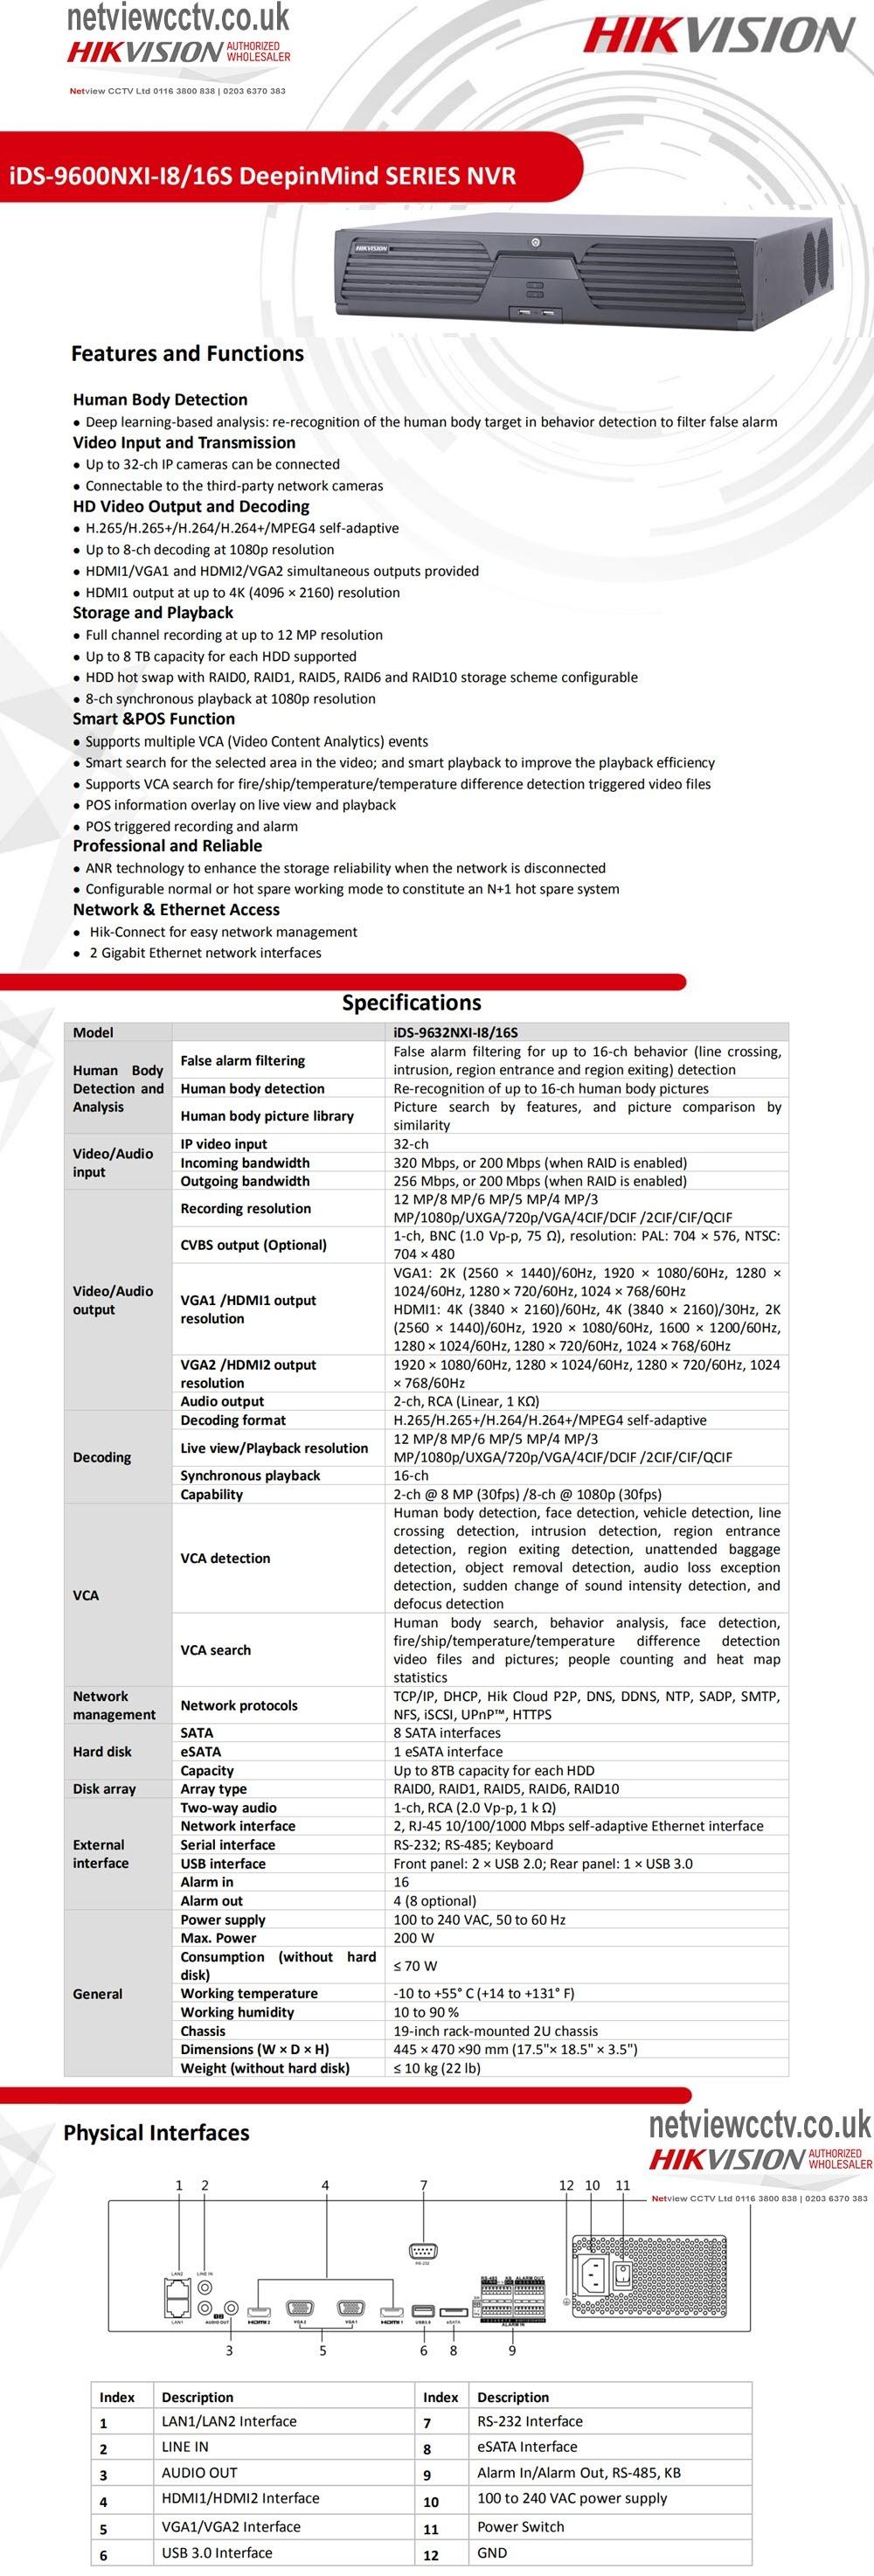 32 Channel IDS-9632NXI-I8/16S Hikvision DeepinMind Learning 4K NVR